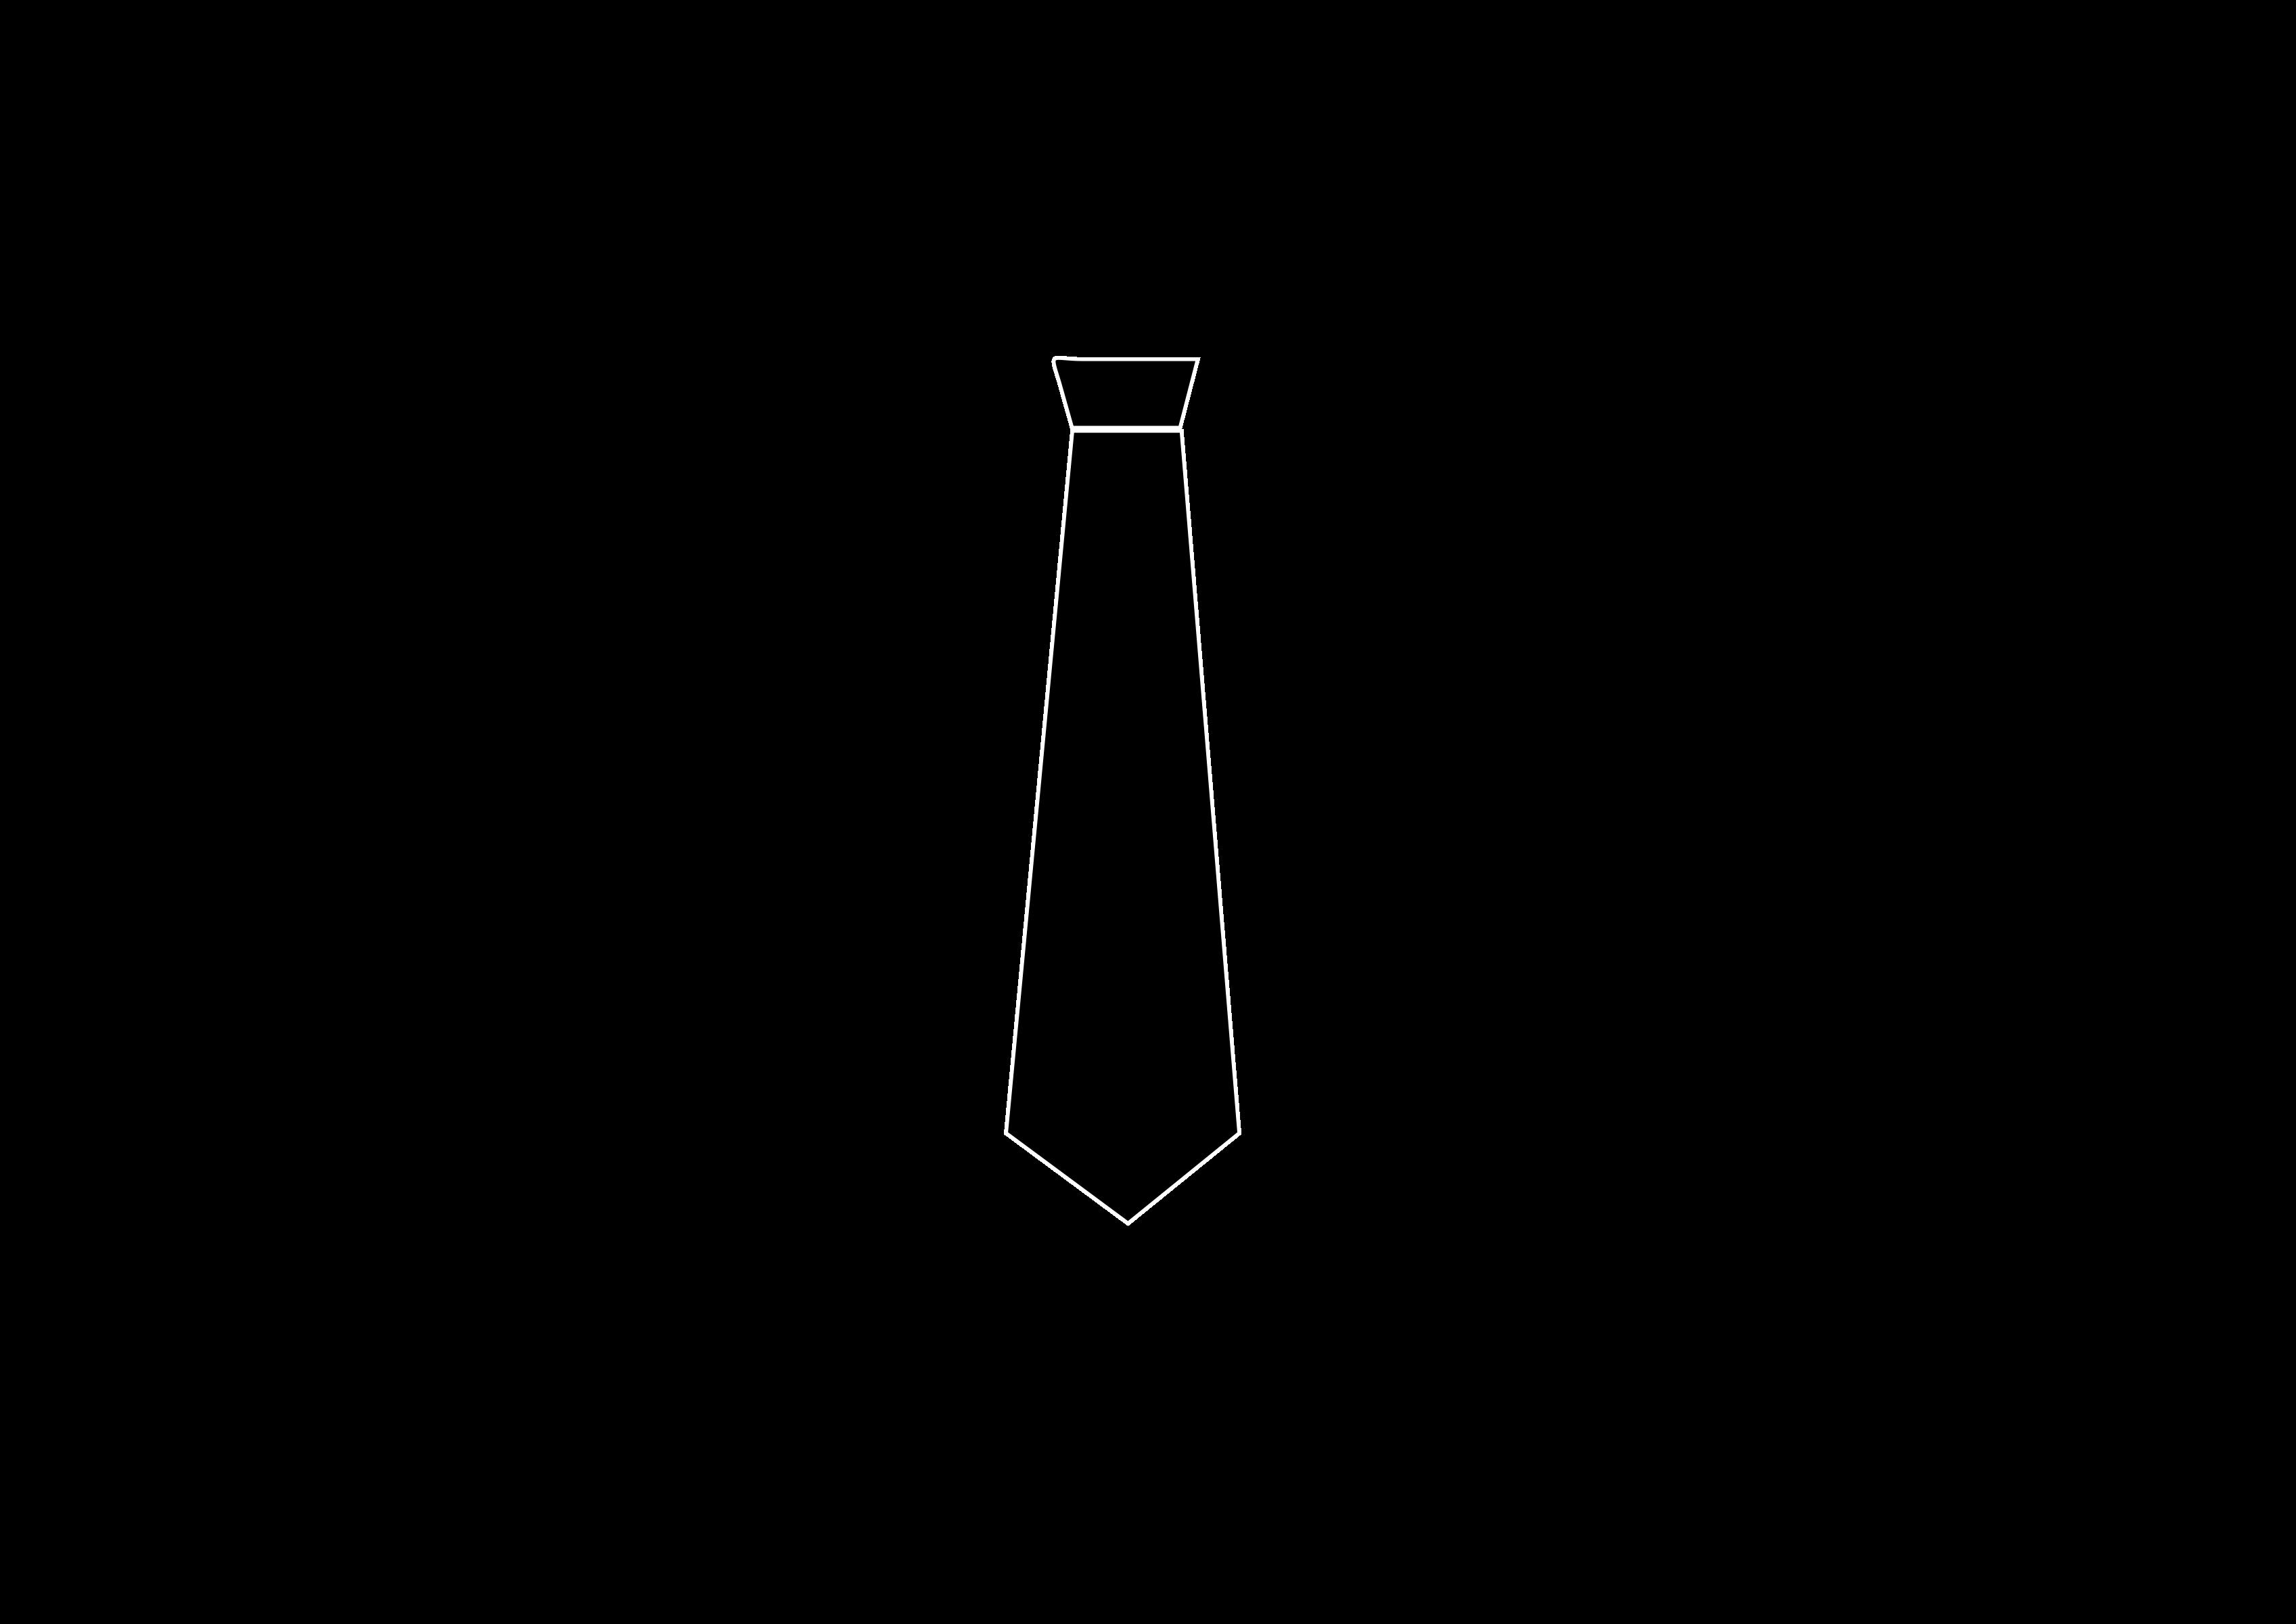 Tie PNG Transparent Image SVG Clip arts